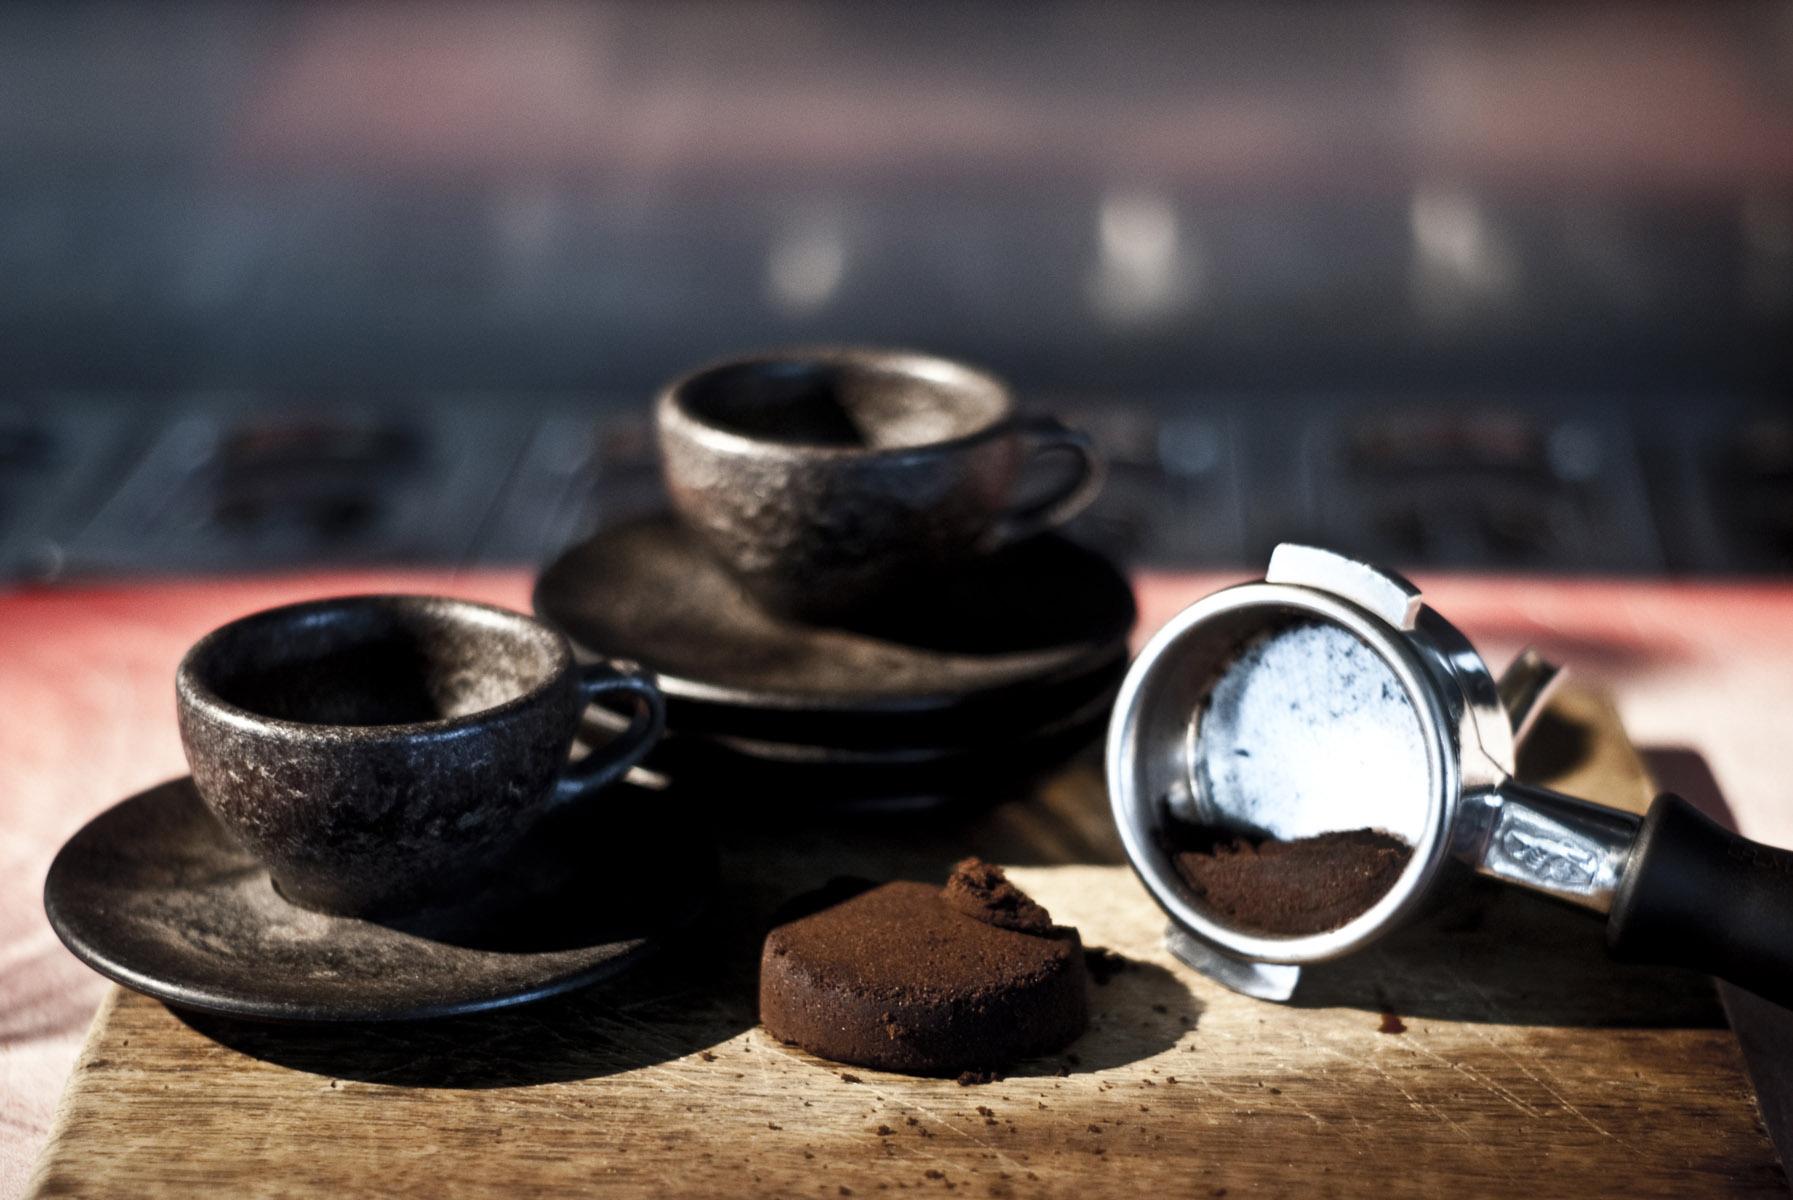 Kaffeeform ถ้วยกาแฟจาก 'กากกาแฟ' นำ้หนักเบา ทนทาน ย่อยสลายได้ตามธรรมชาติ